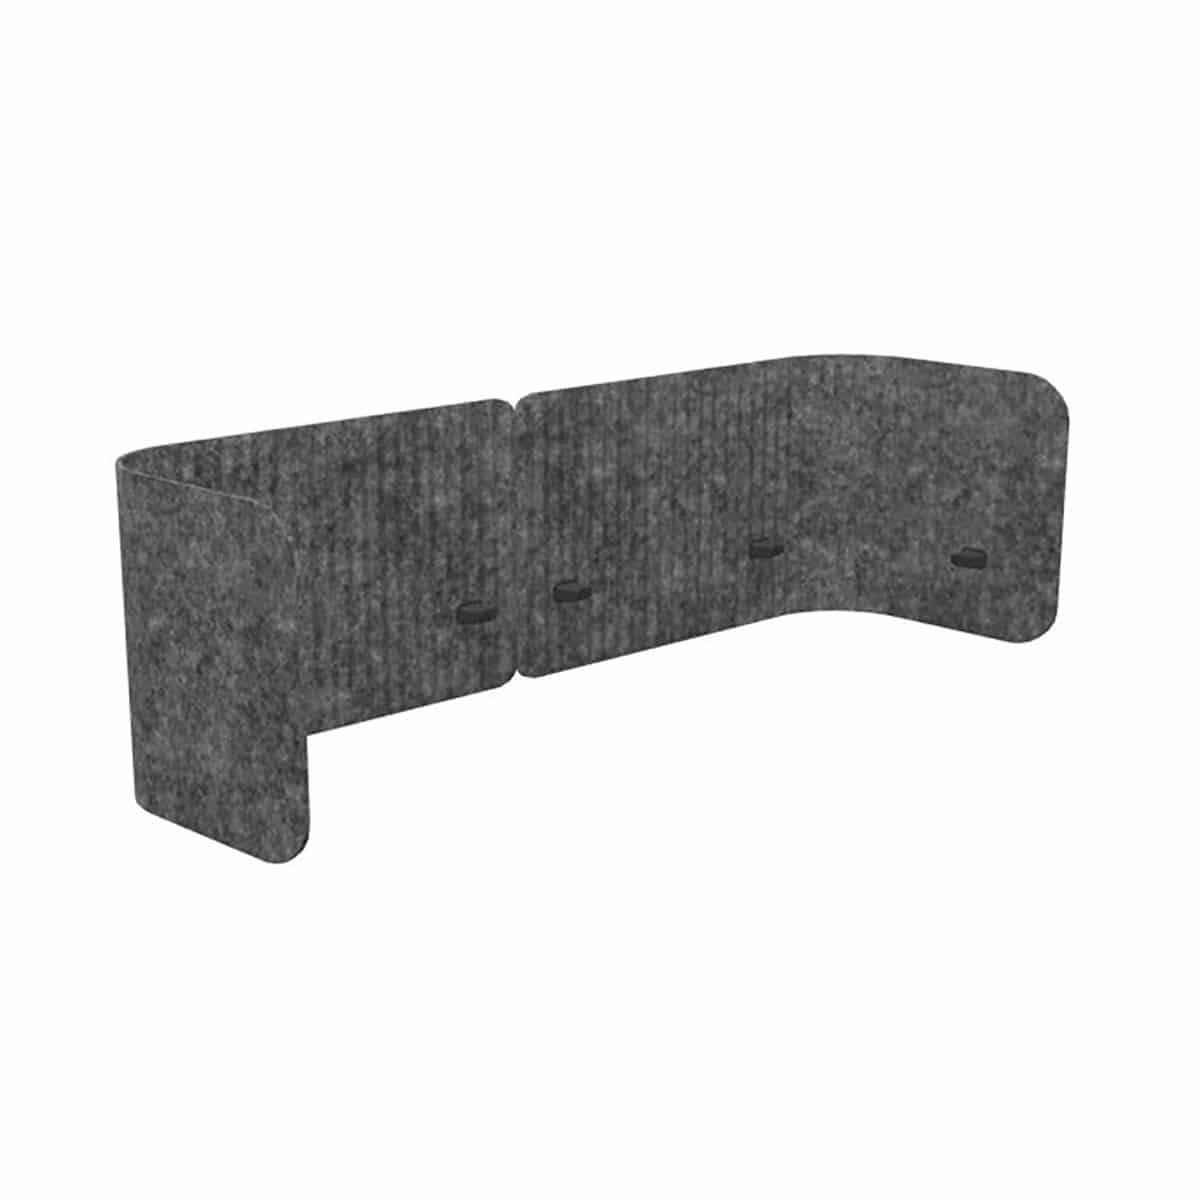 Steelcase FLEX COLLECTION Sichtschutz für elektrisch höhenverstellbare Schreibtische